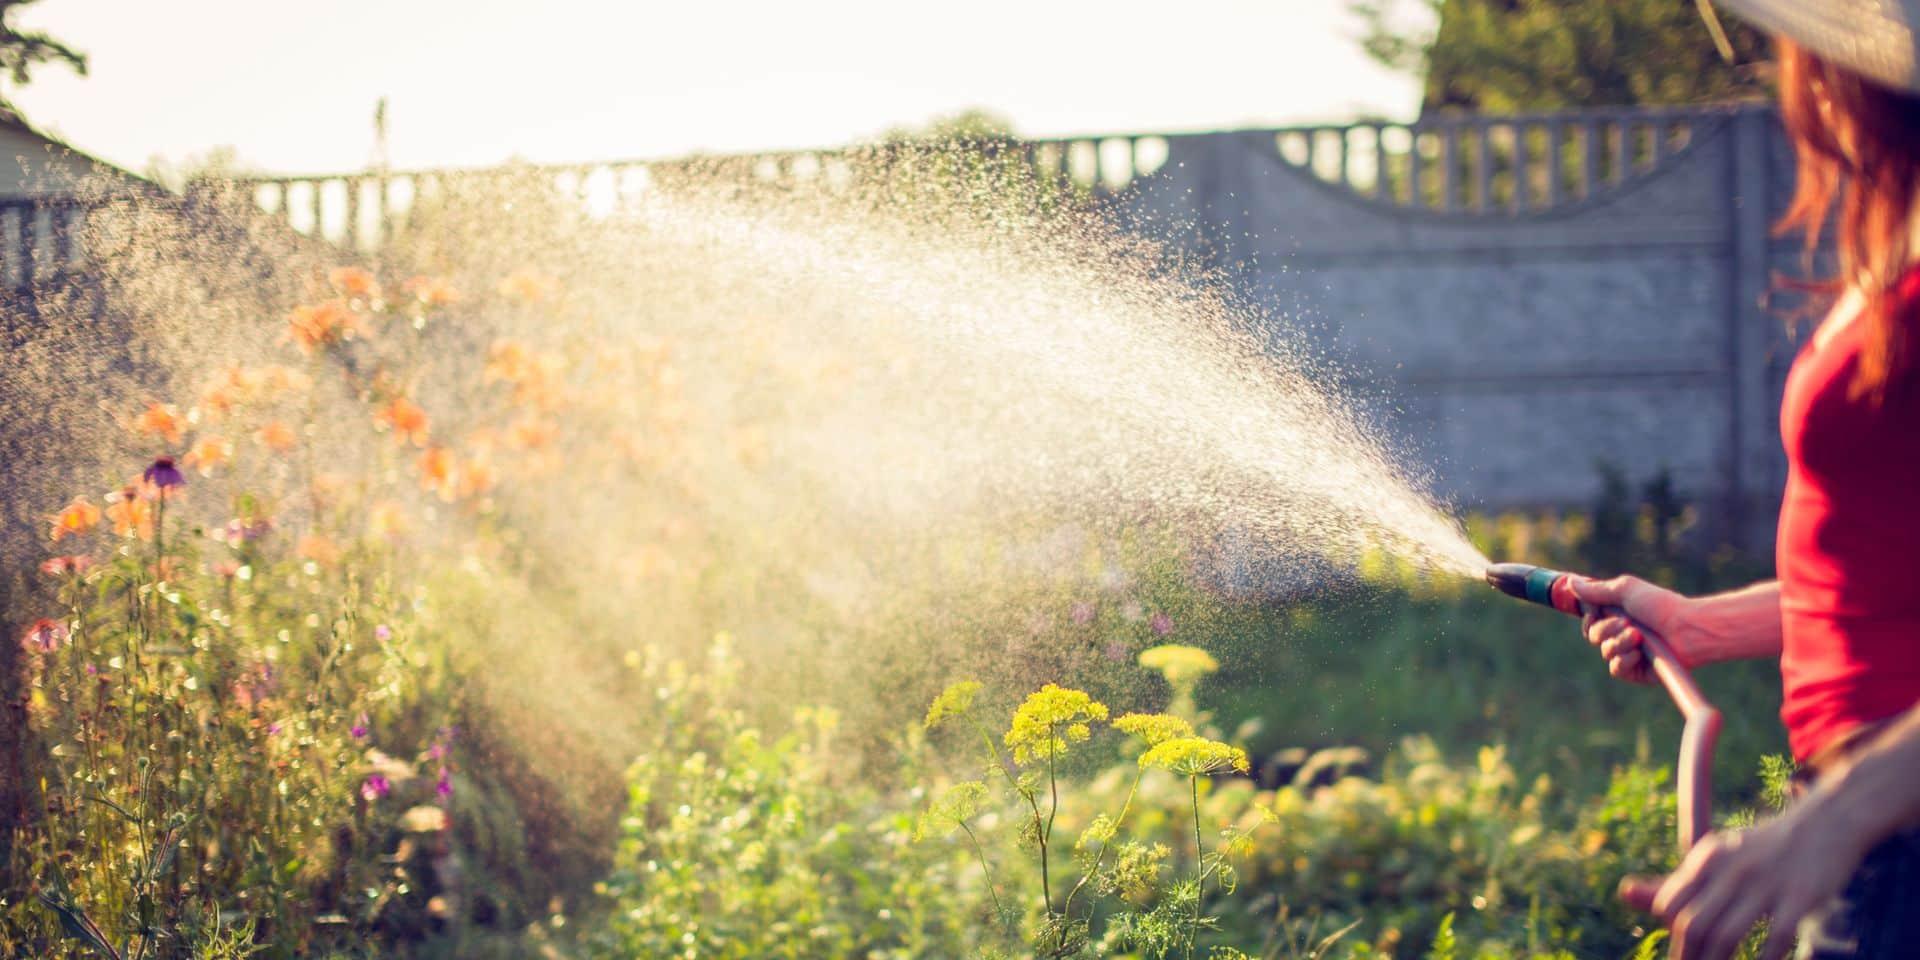 Nos jardins souffrent après la canicule : les bons gestes à adopter